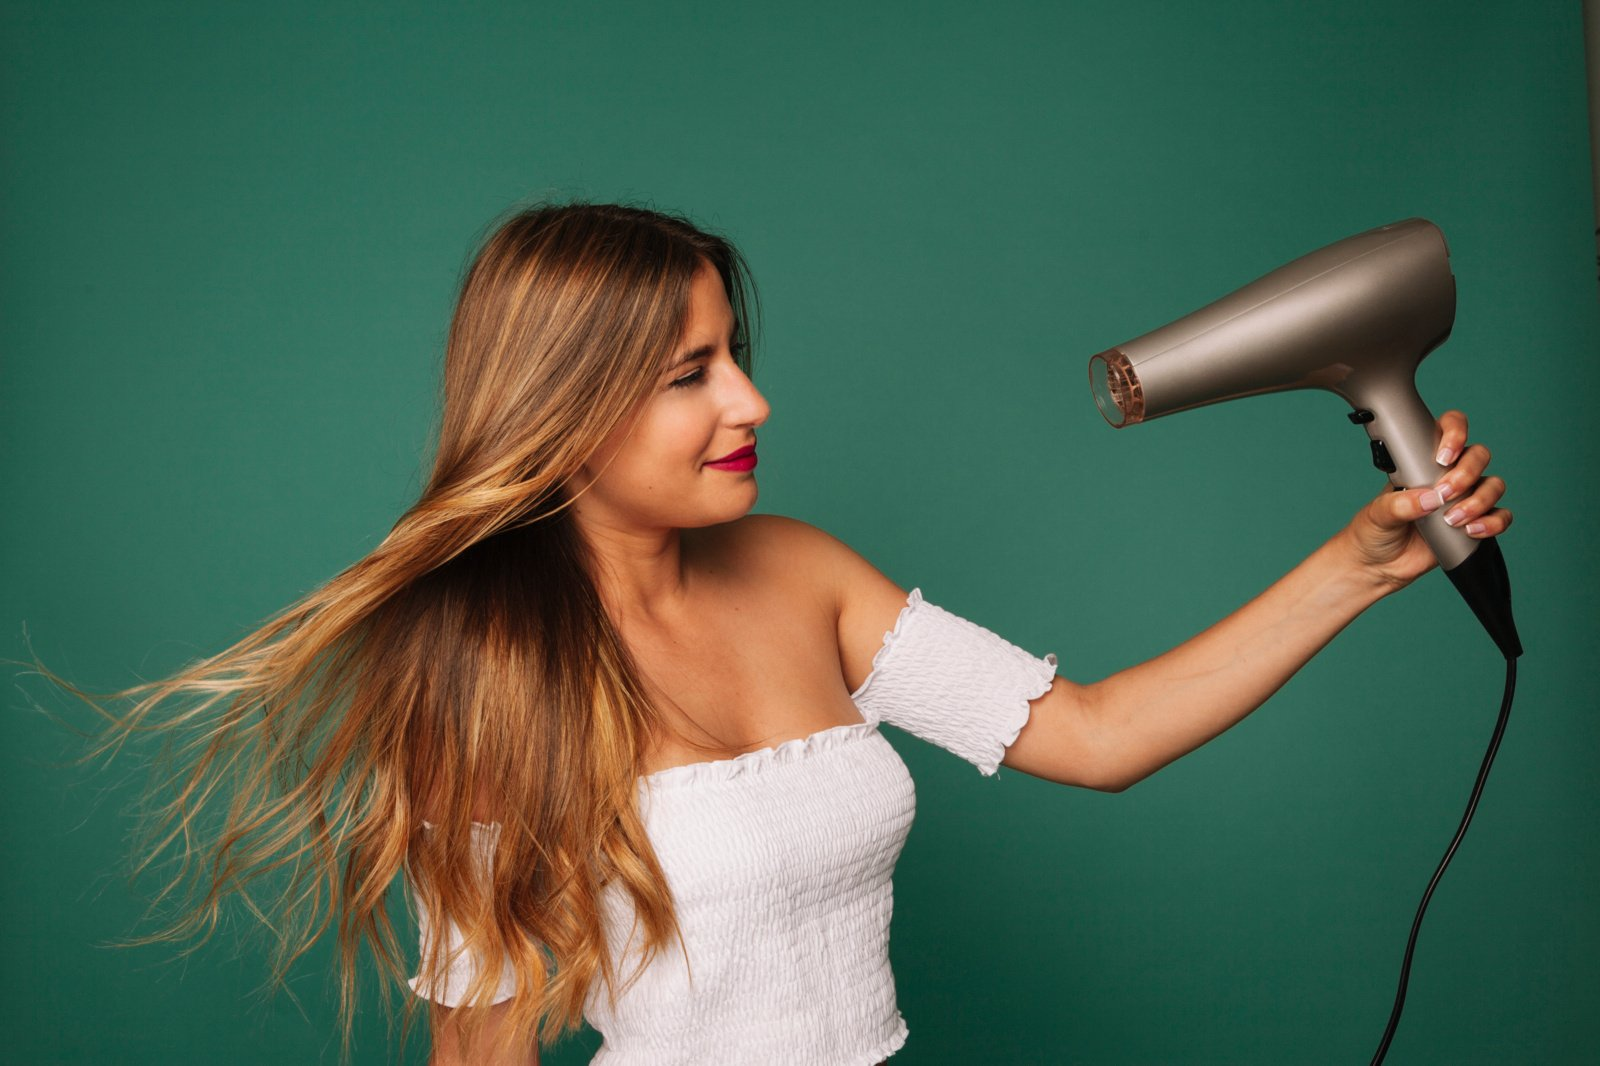 Plaukų džiovintuvas lygina rūbus ir naikina dėmes: keli nustebinsiantys triukai